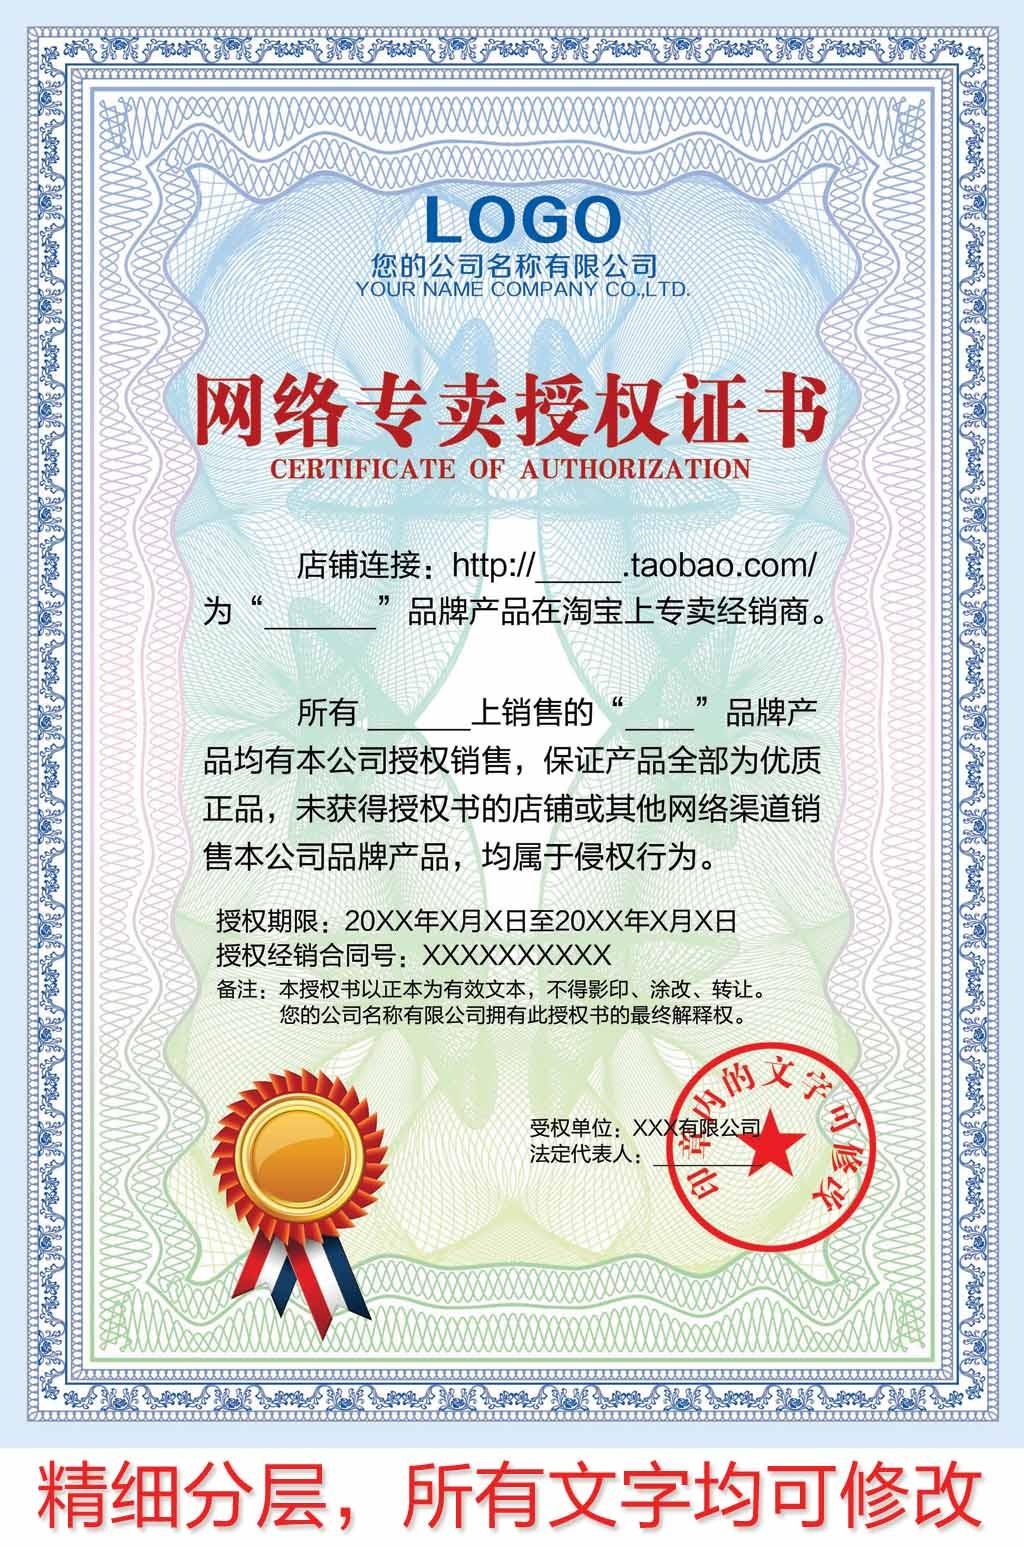 网络授权证书模板模板下载